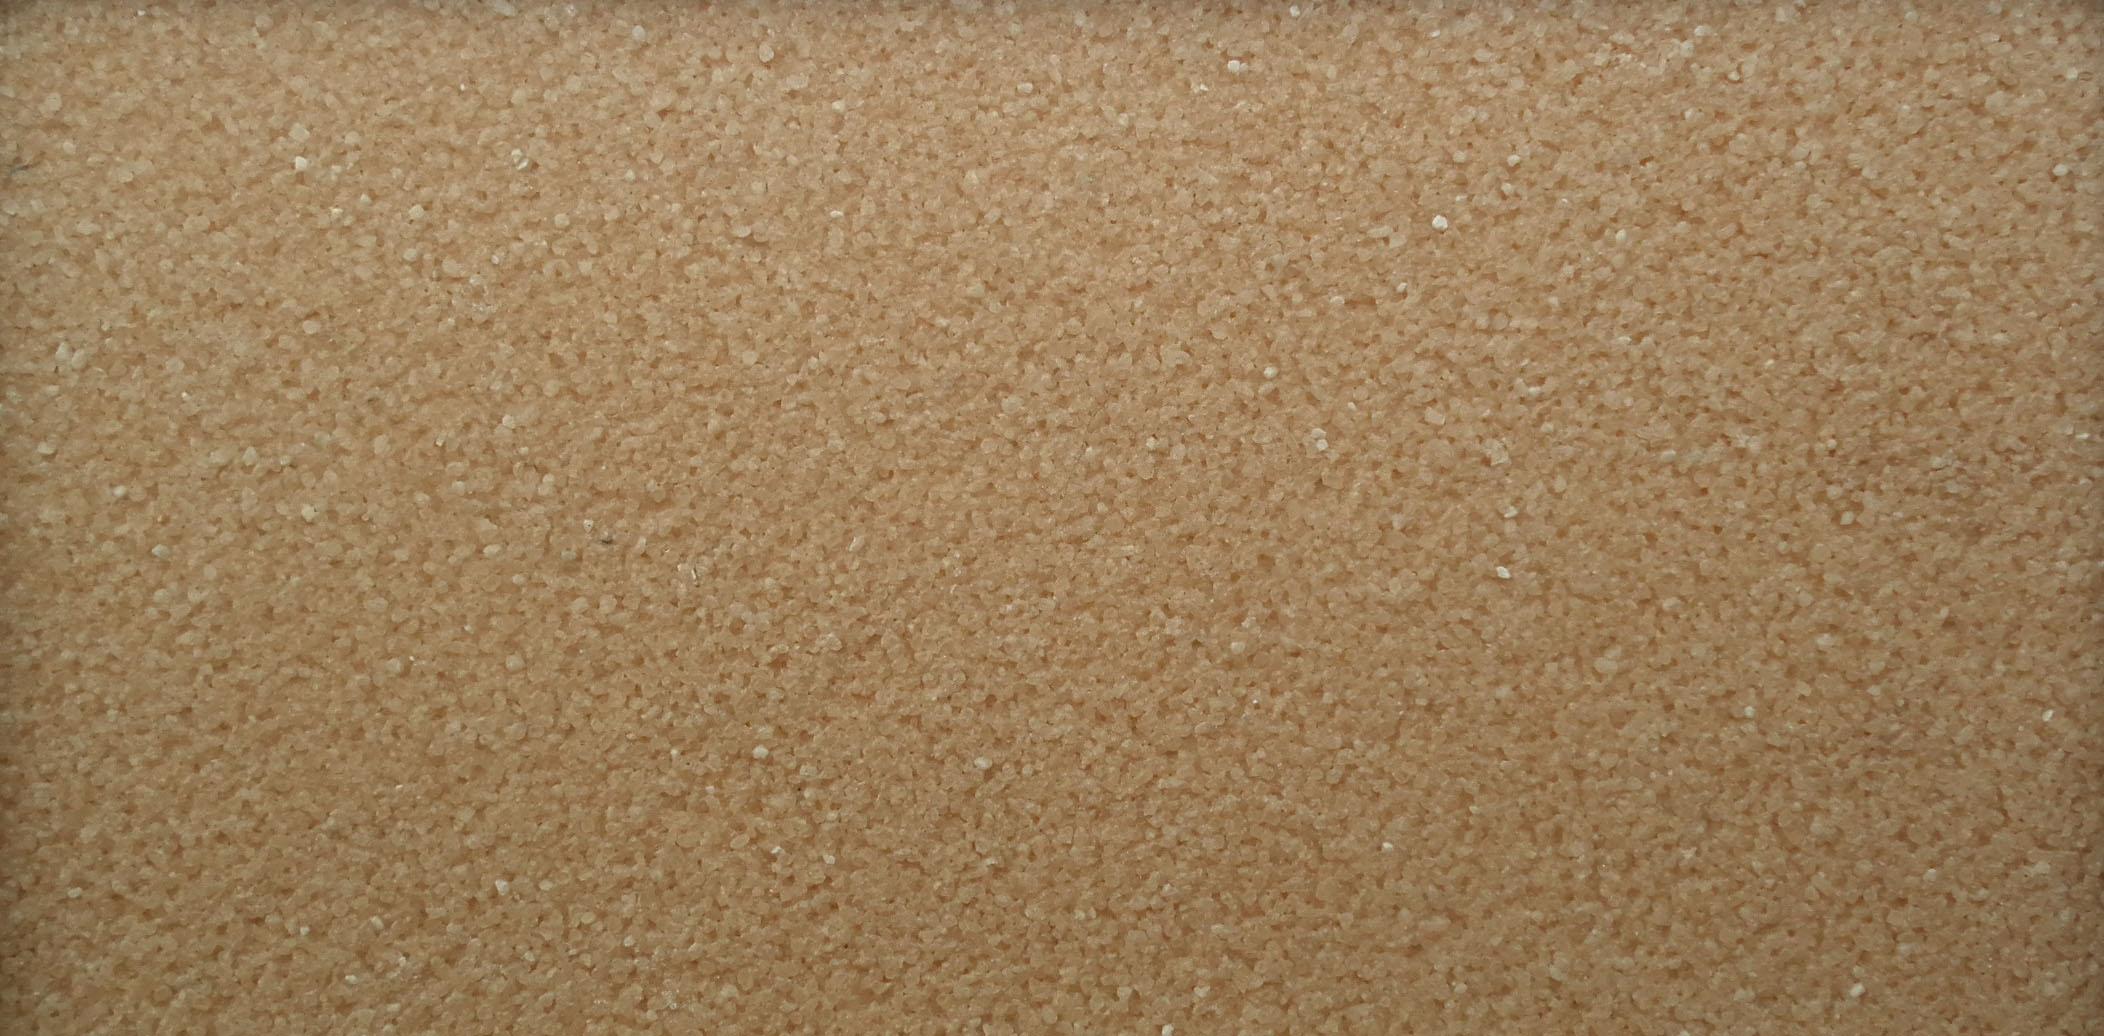 地胶贴图素材